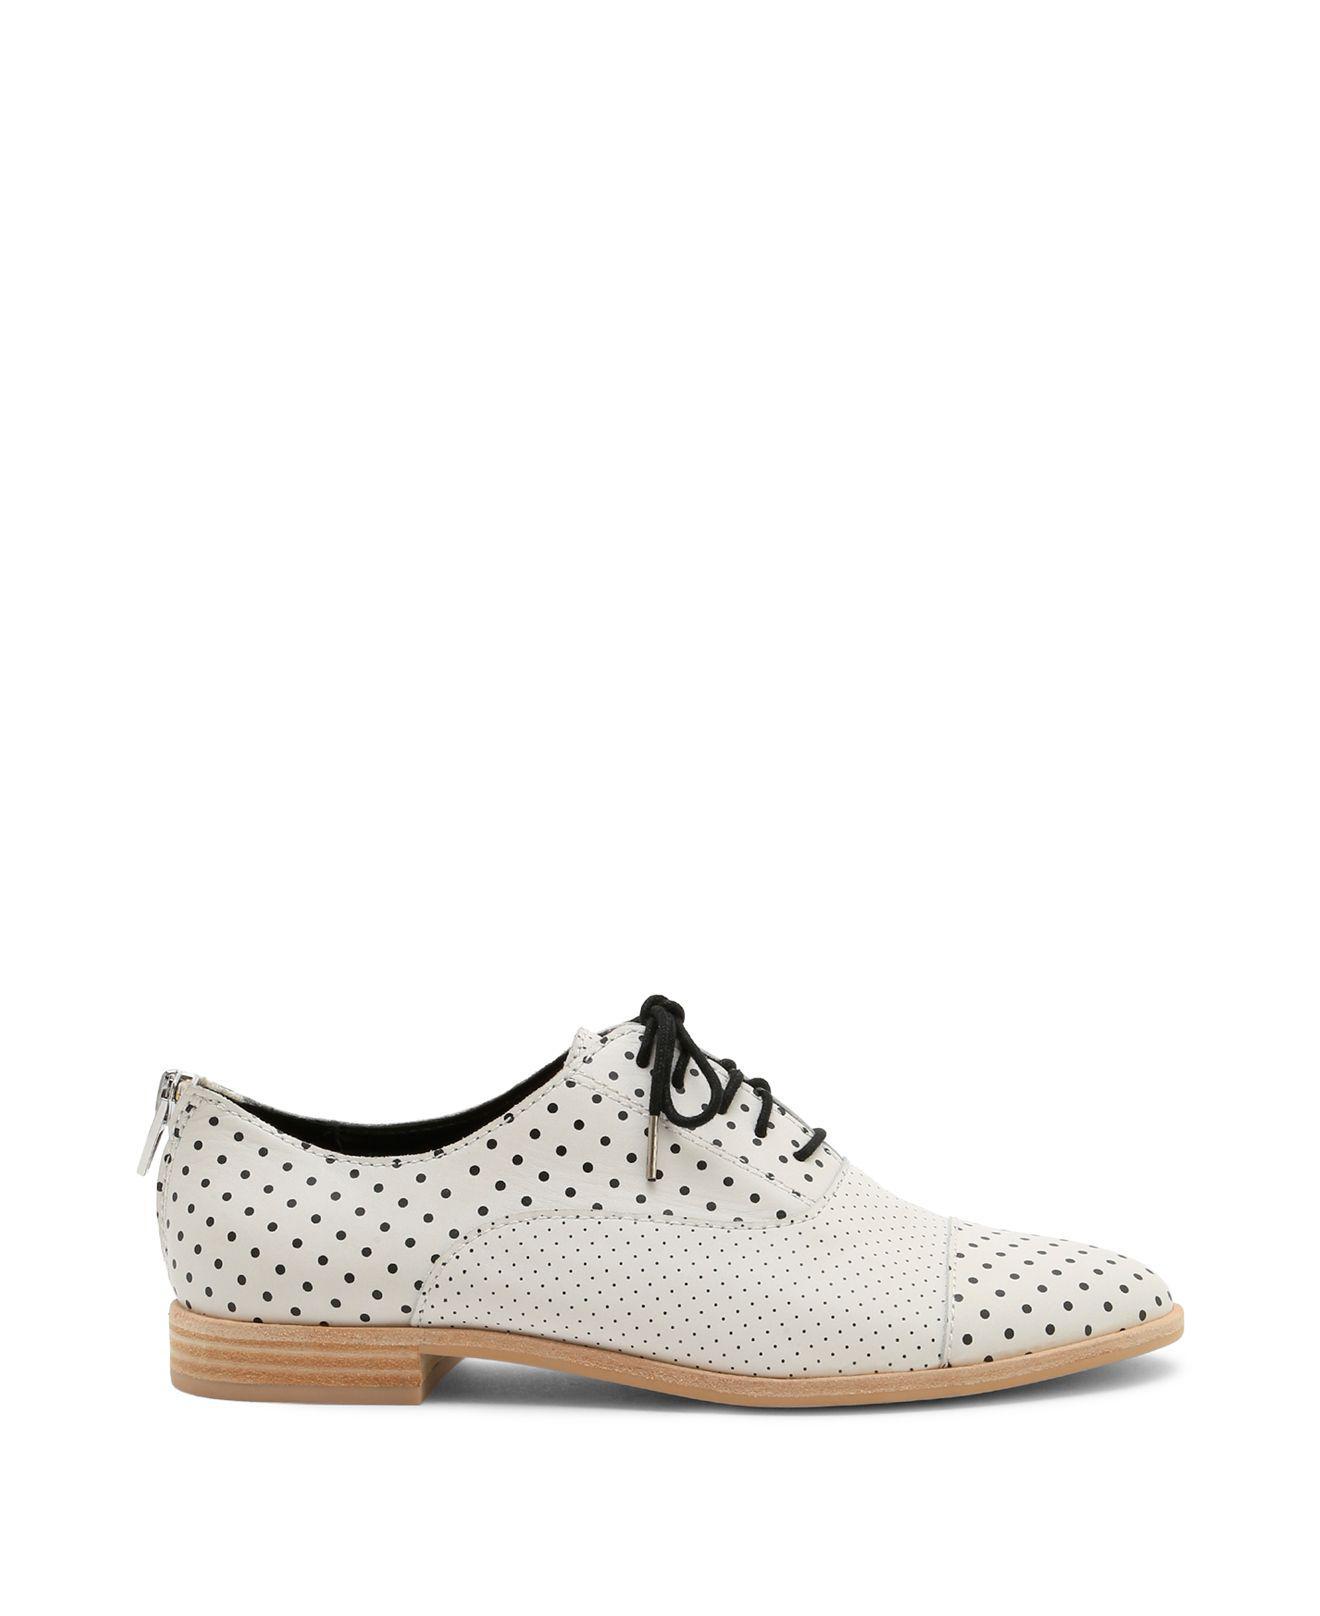 Dolce Vita Women's Polo Polka Dot Leather Oxfords rsyheWb0